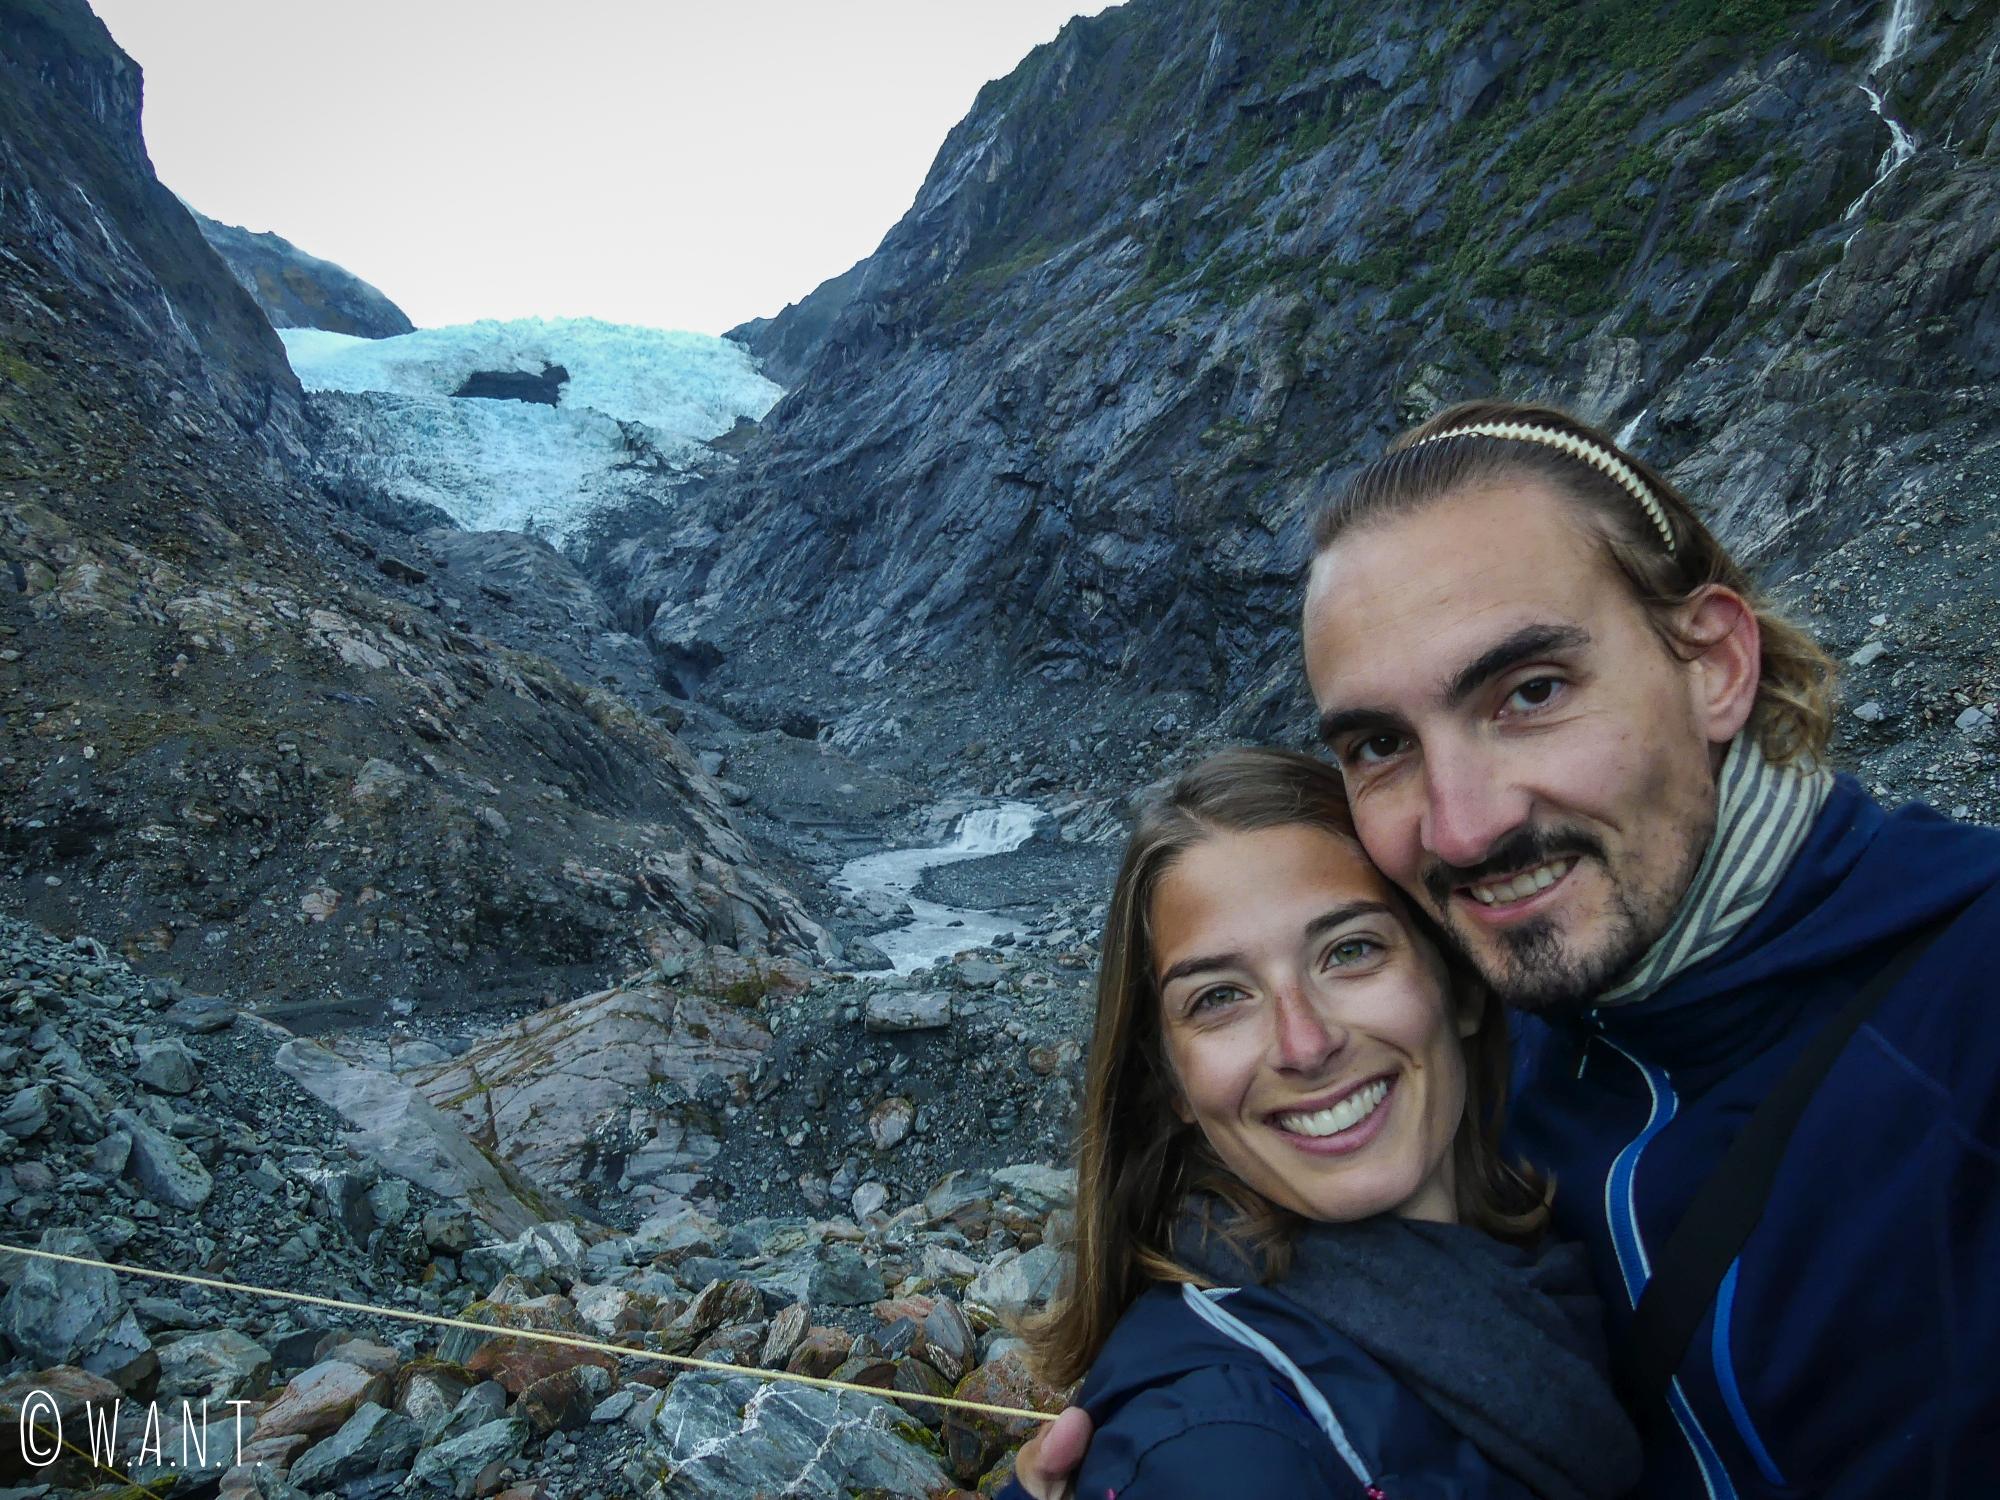 Selfie devant le Franz Joseph Glacier en Nouvelle-Zélande